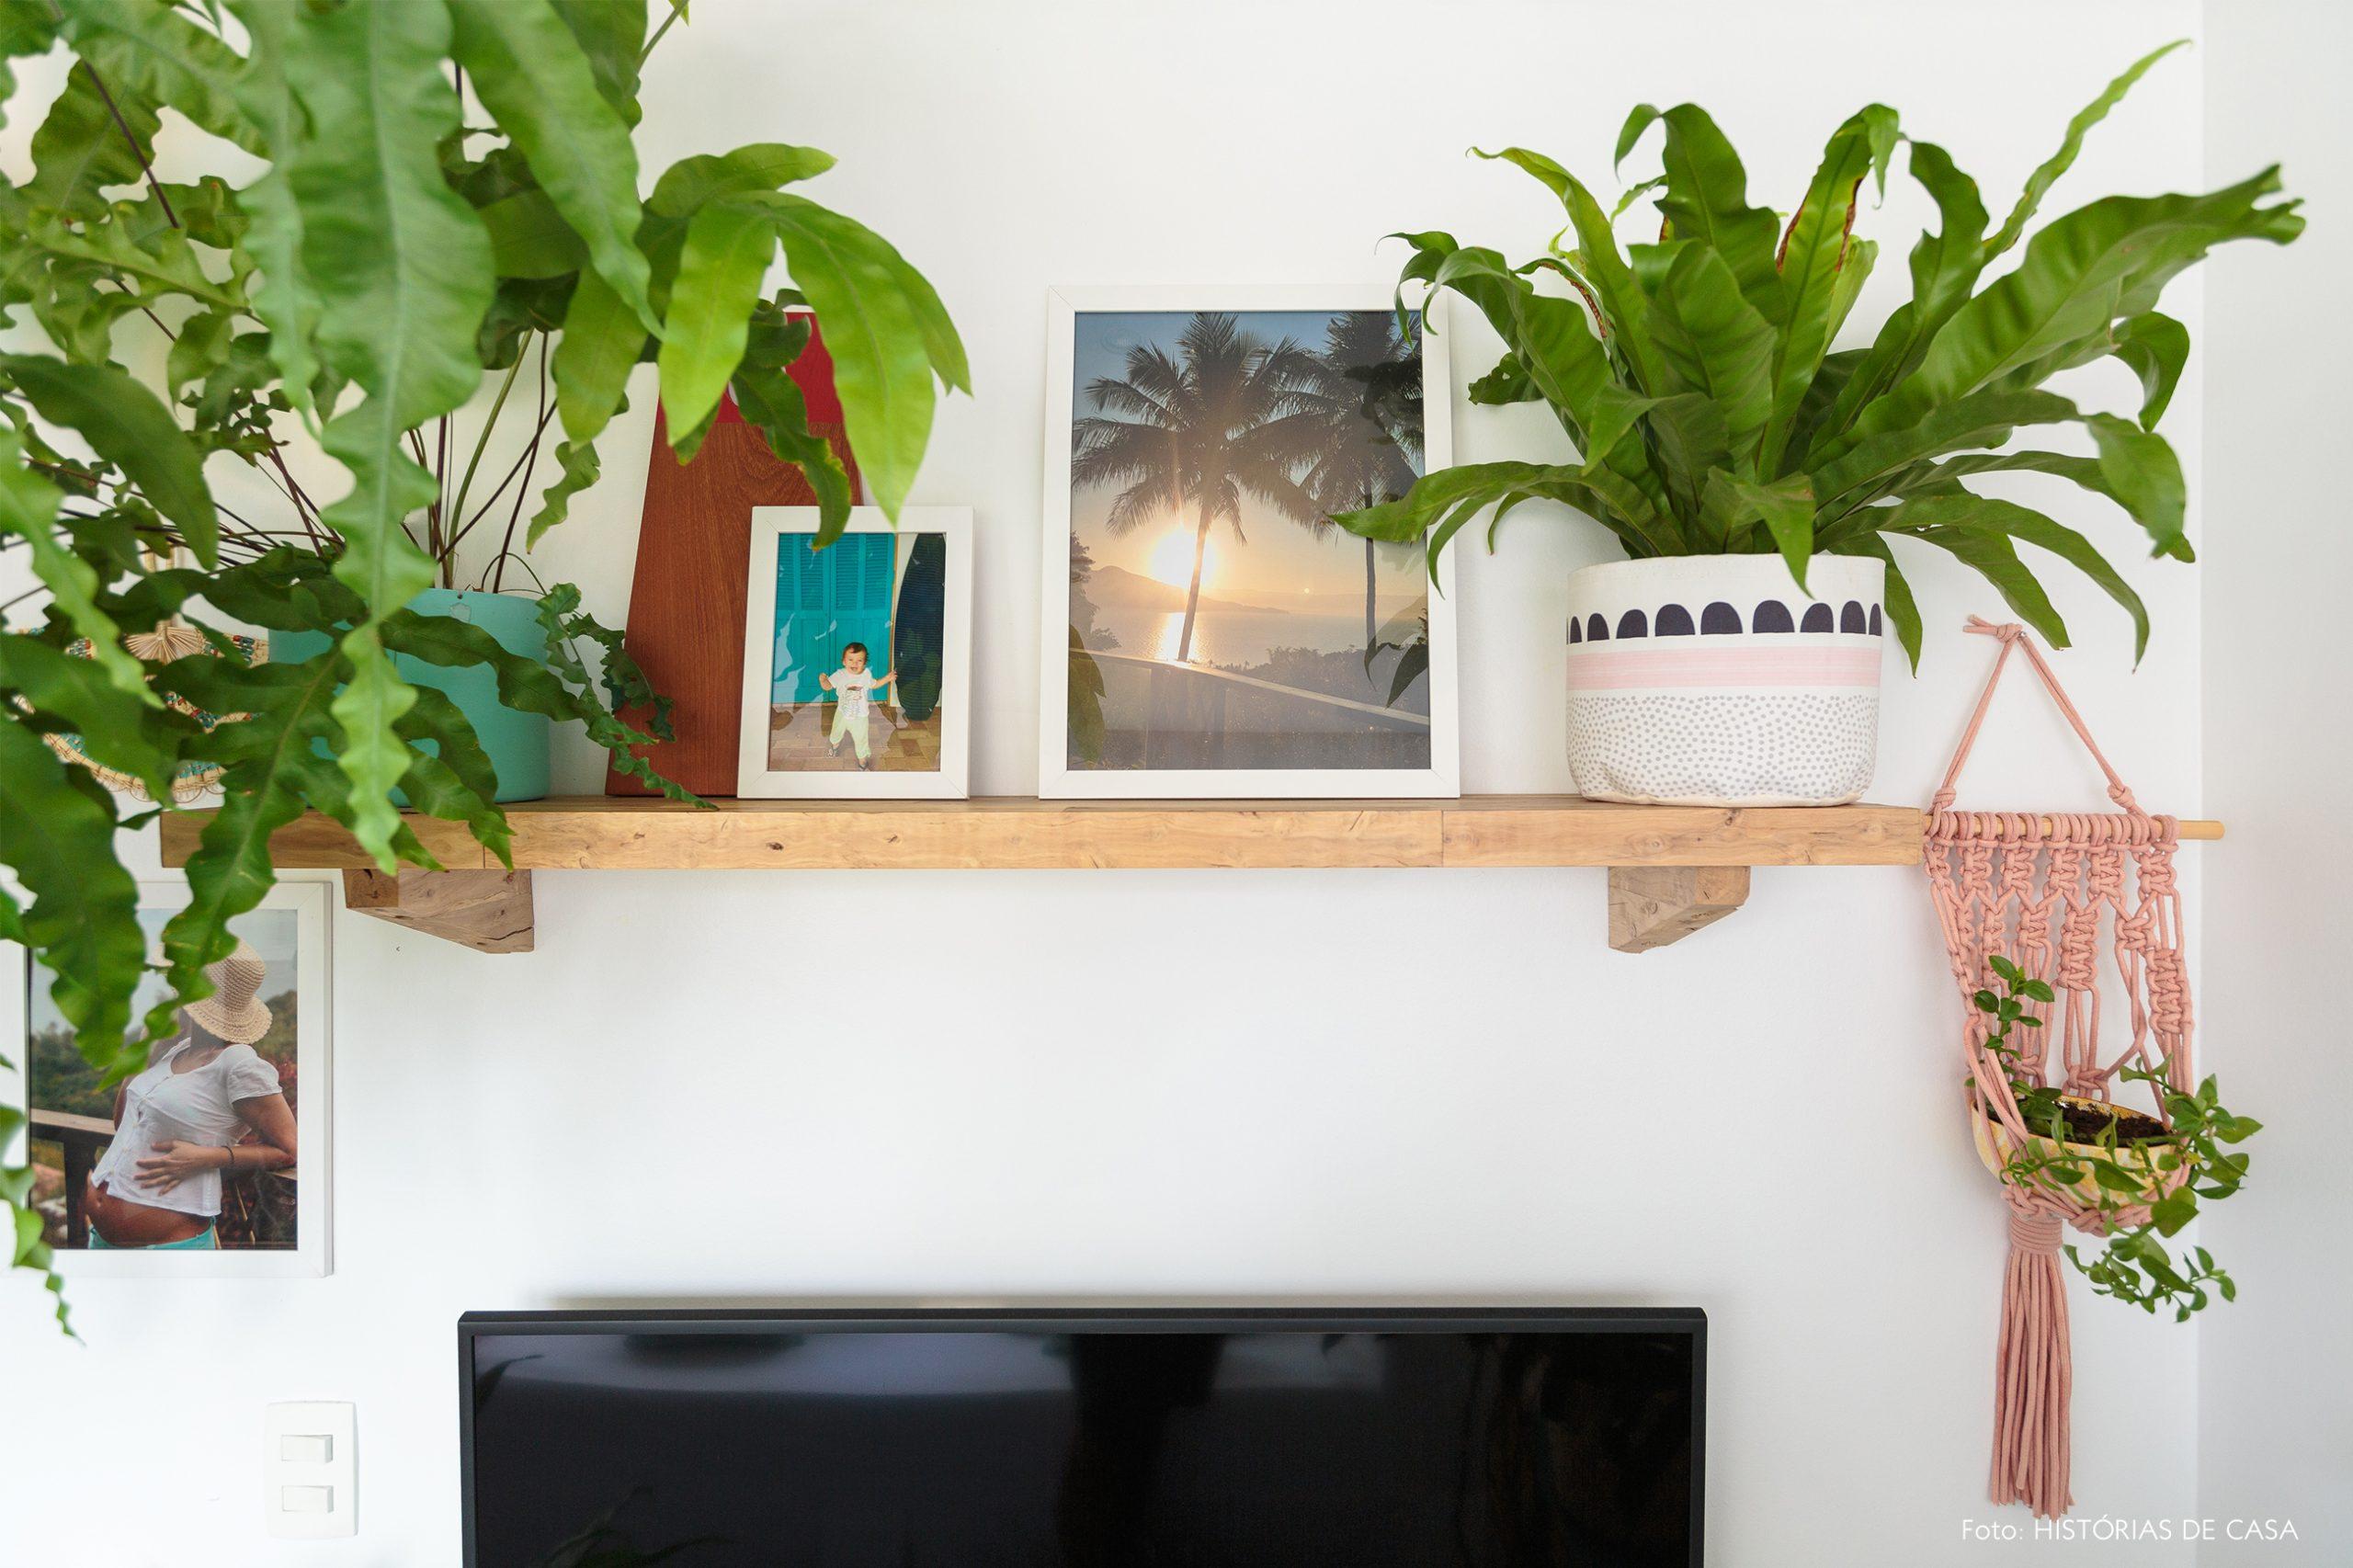 decoração praiana prateleira de madeira na sala com plantas e macrame